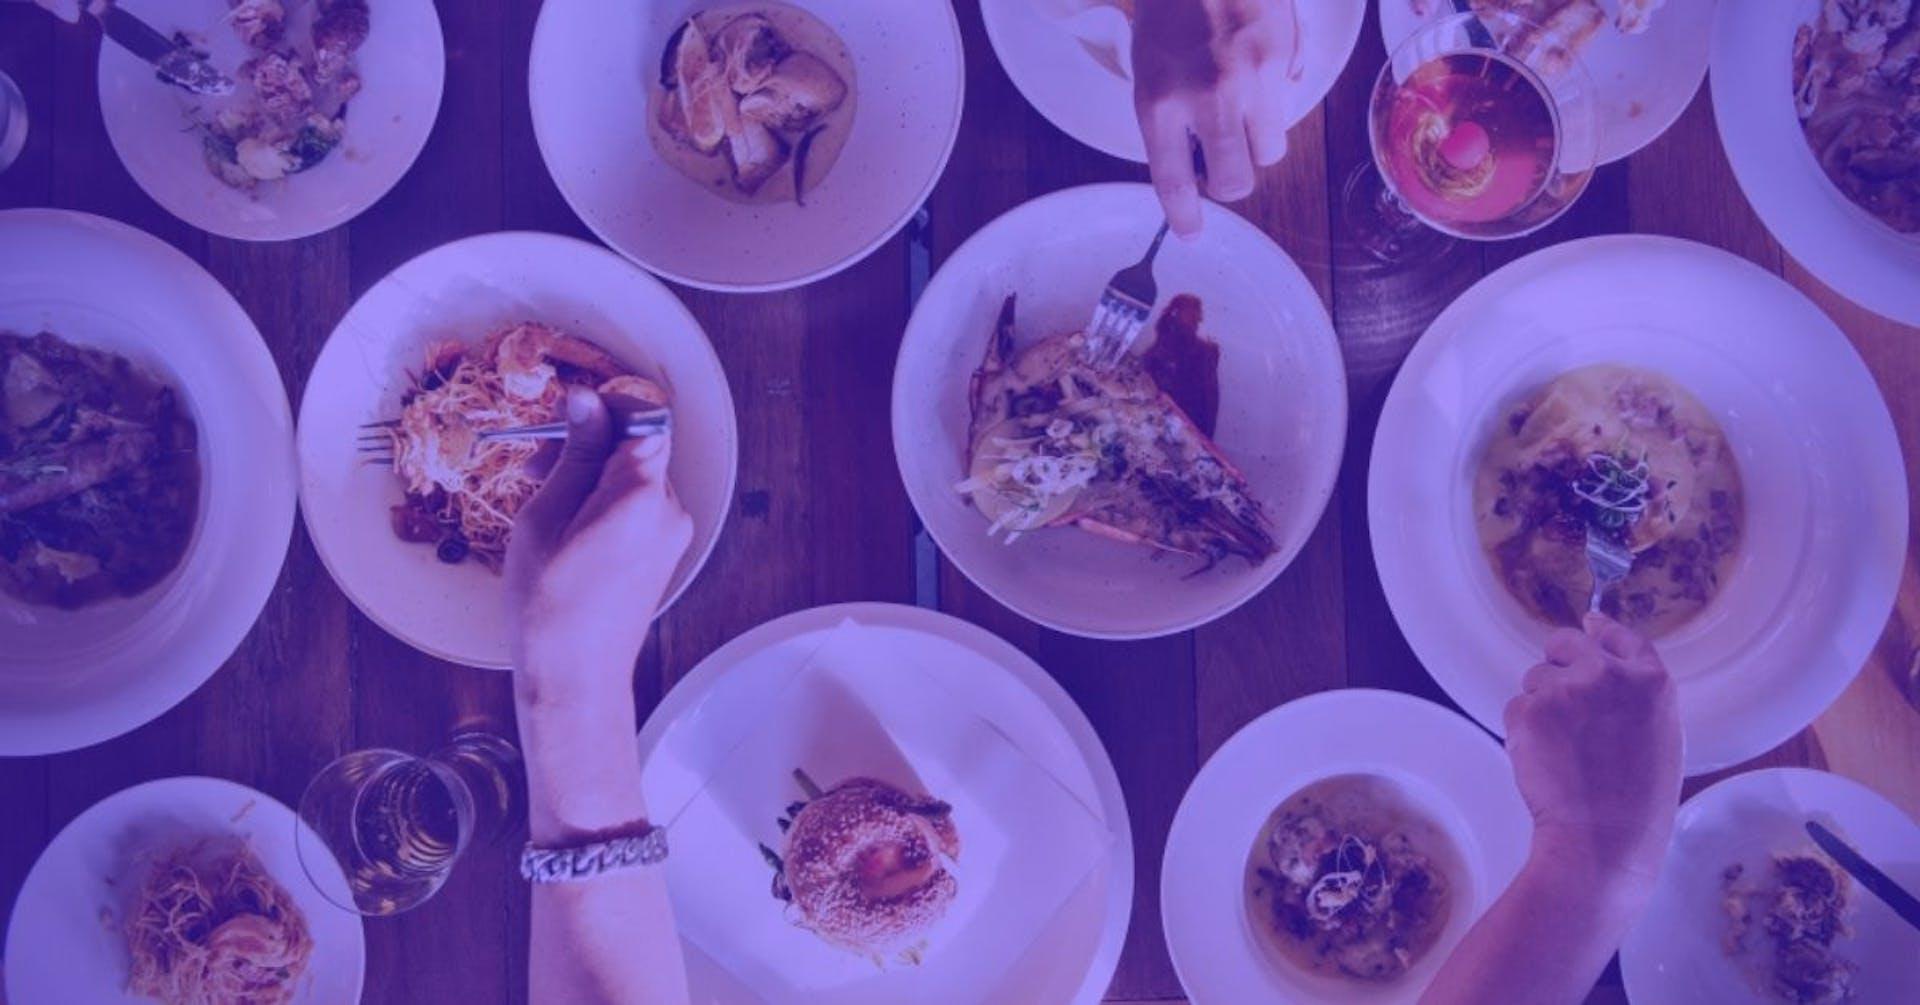 Conoce cuáles son las especialidades en gastronomía y conviértete en un experto culinario